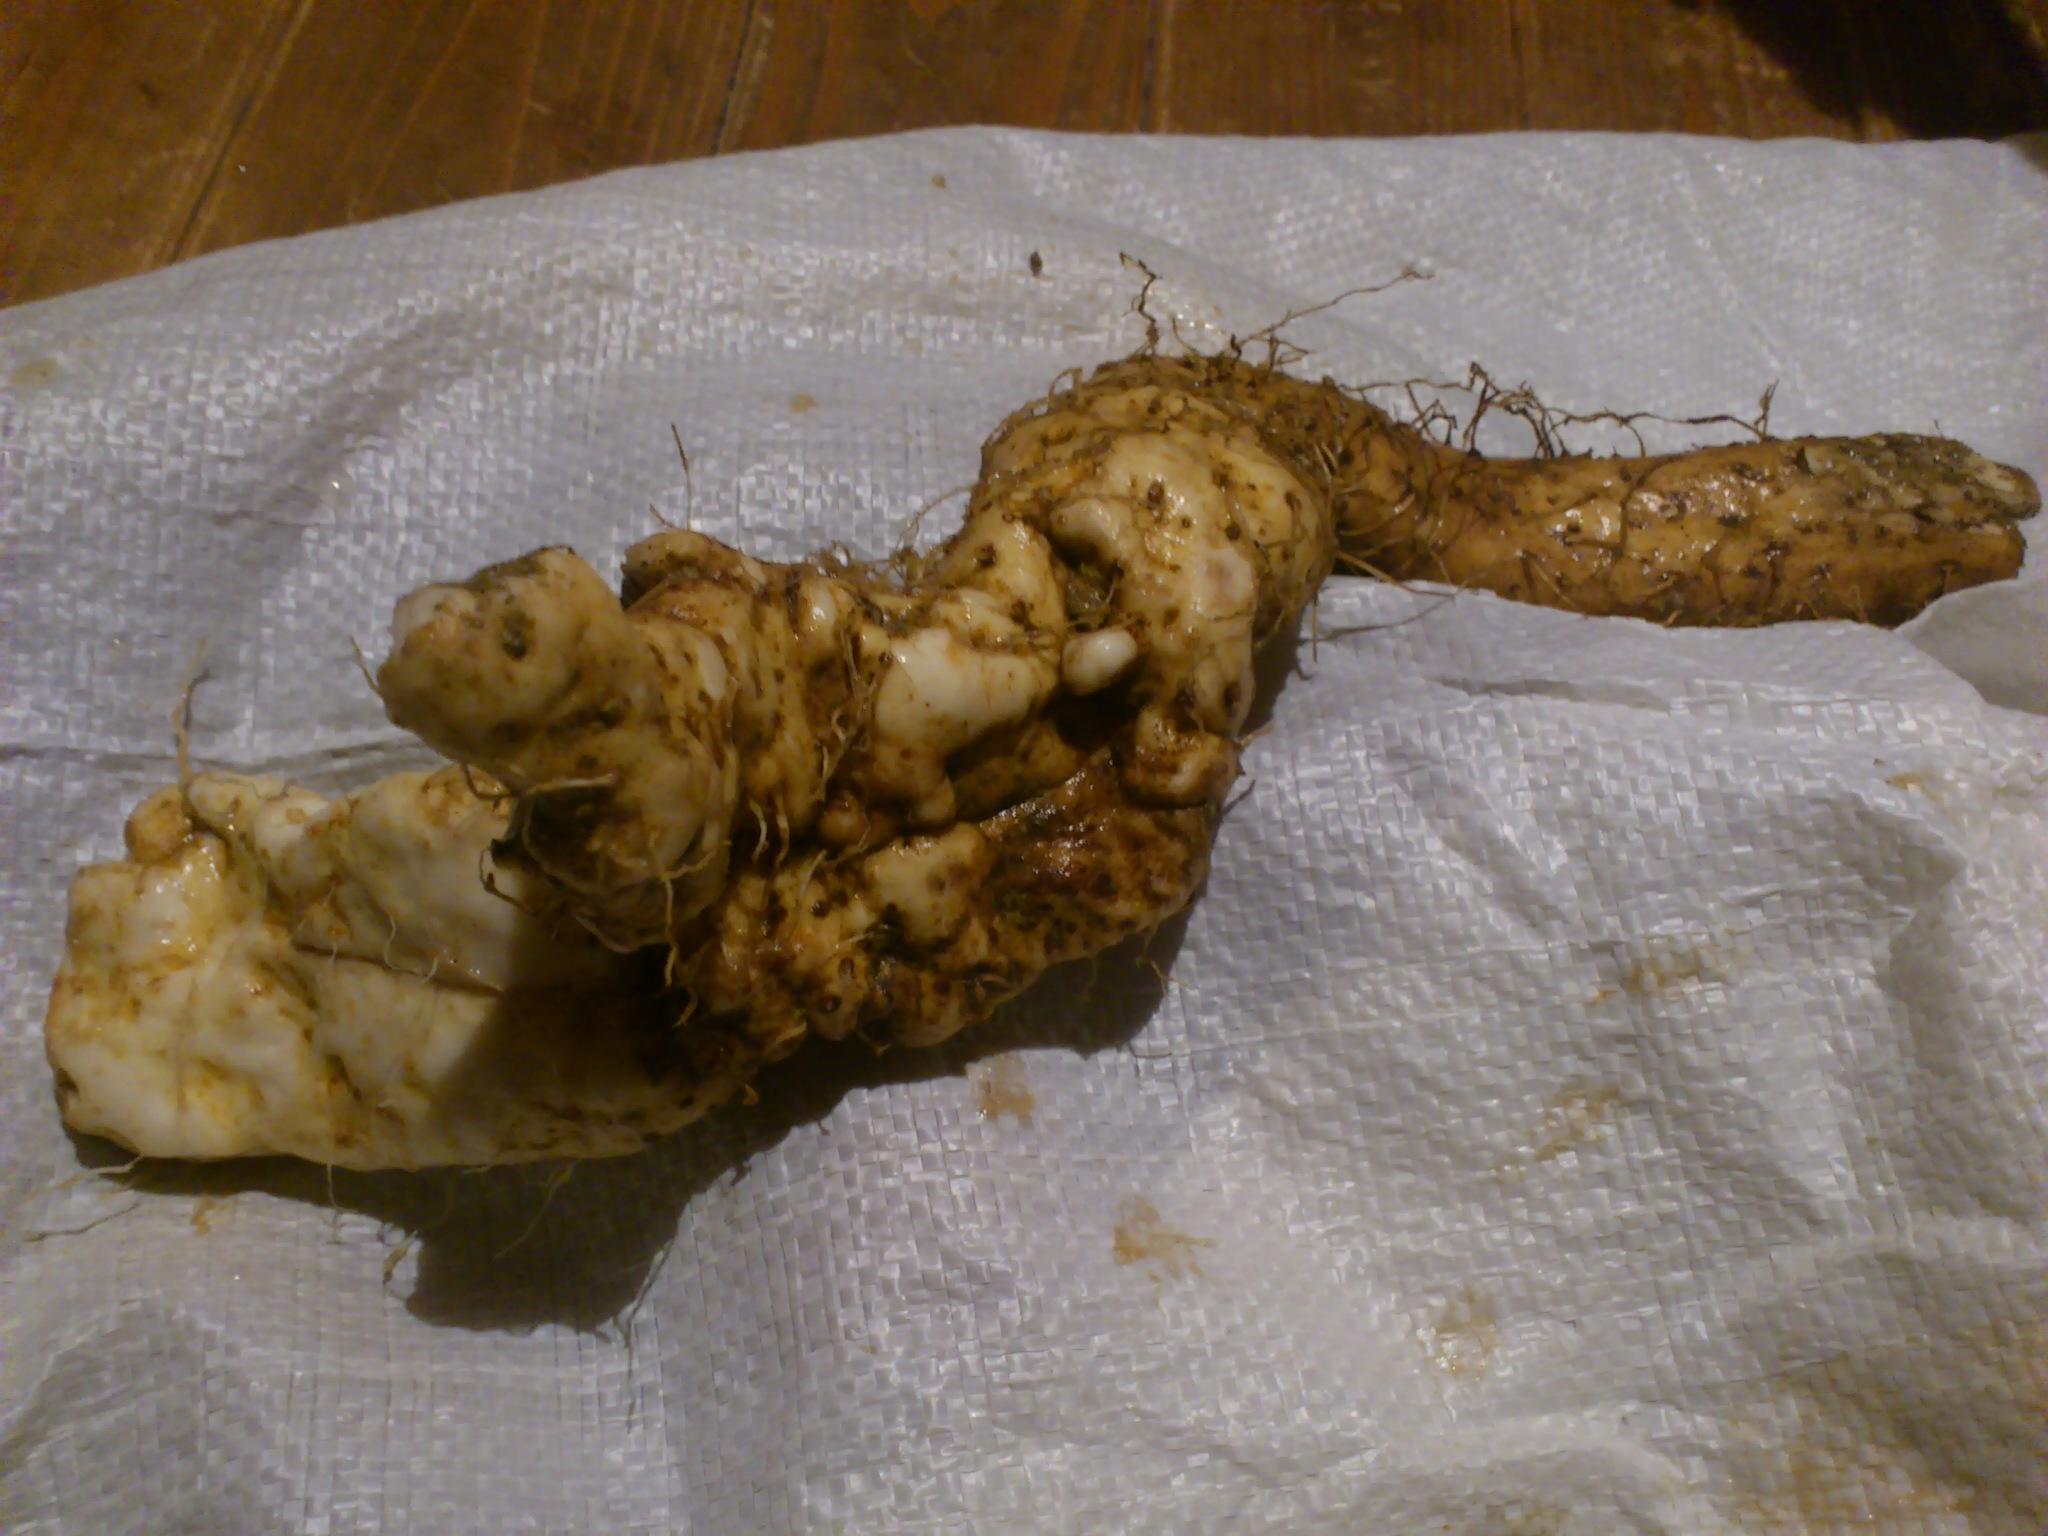 宮崎で頂いた掘ったばかりの野生自然薯。障害物の多い土で曲がって育ったものほど強いそう。龍のよう。